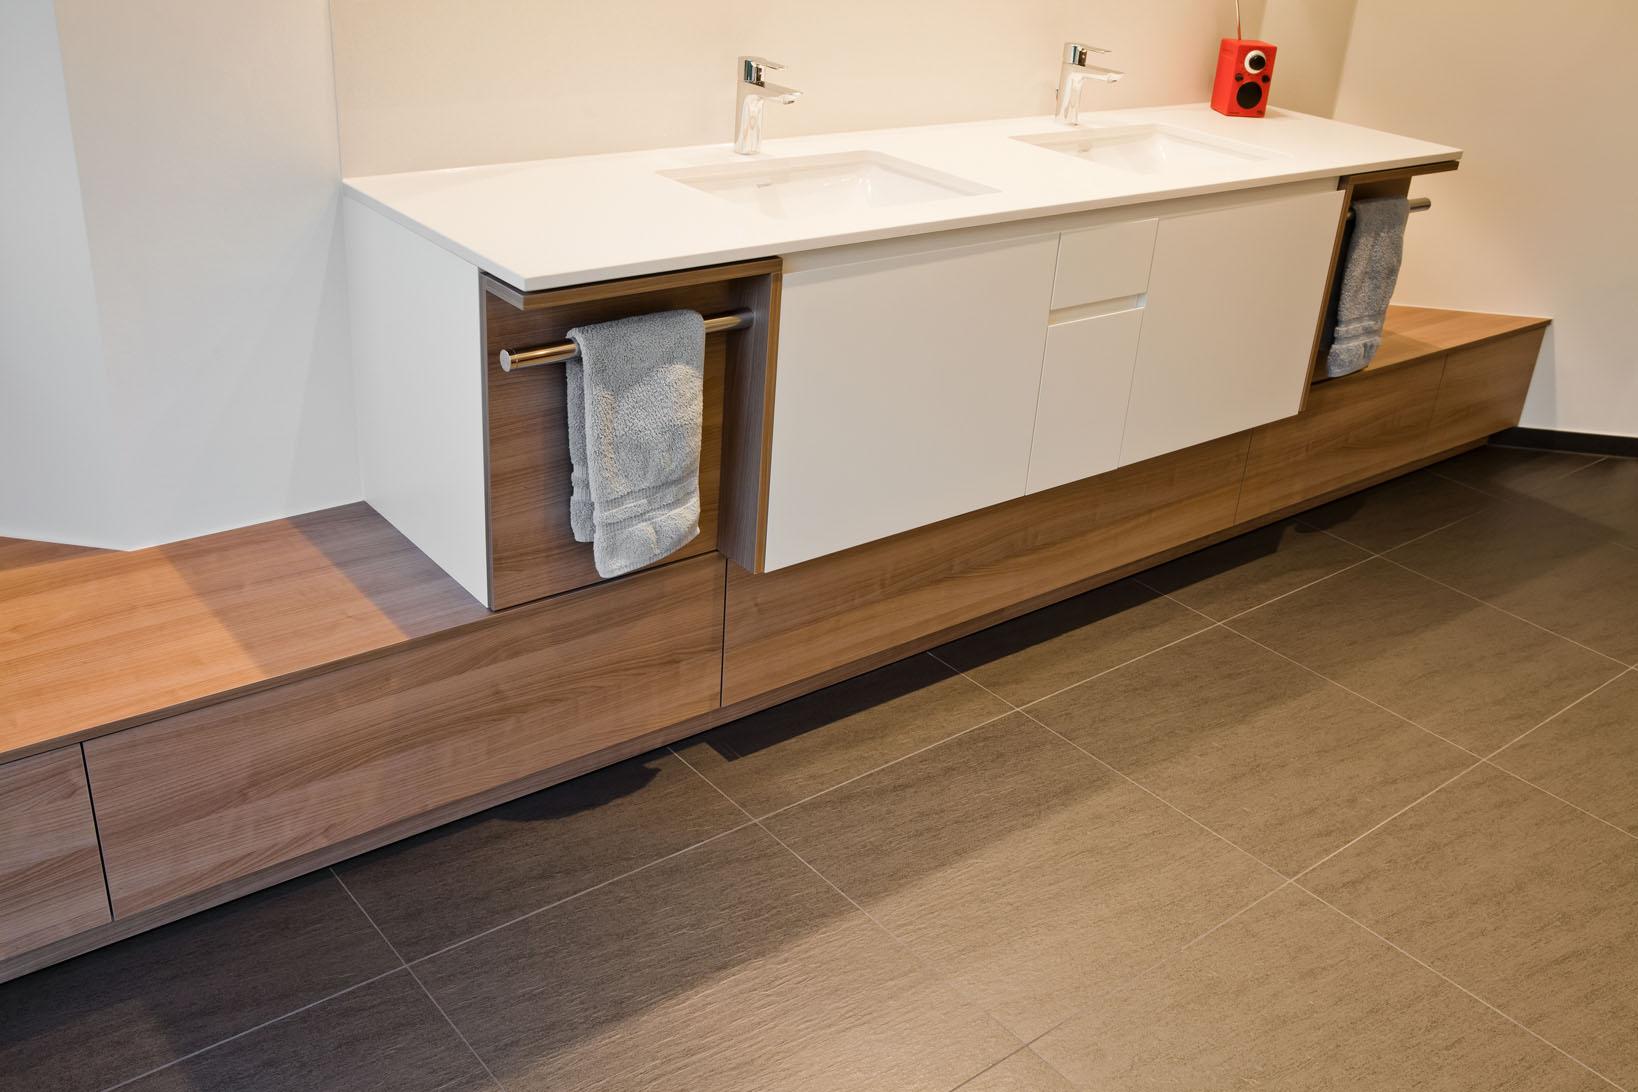 Freistehende Badewanne im großen Wohlfühlbadezimmer | Raumfabrik